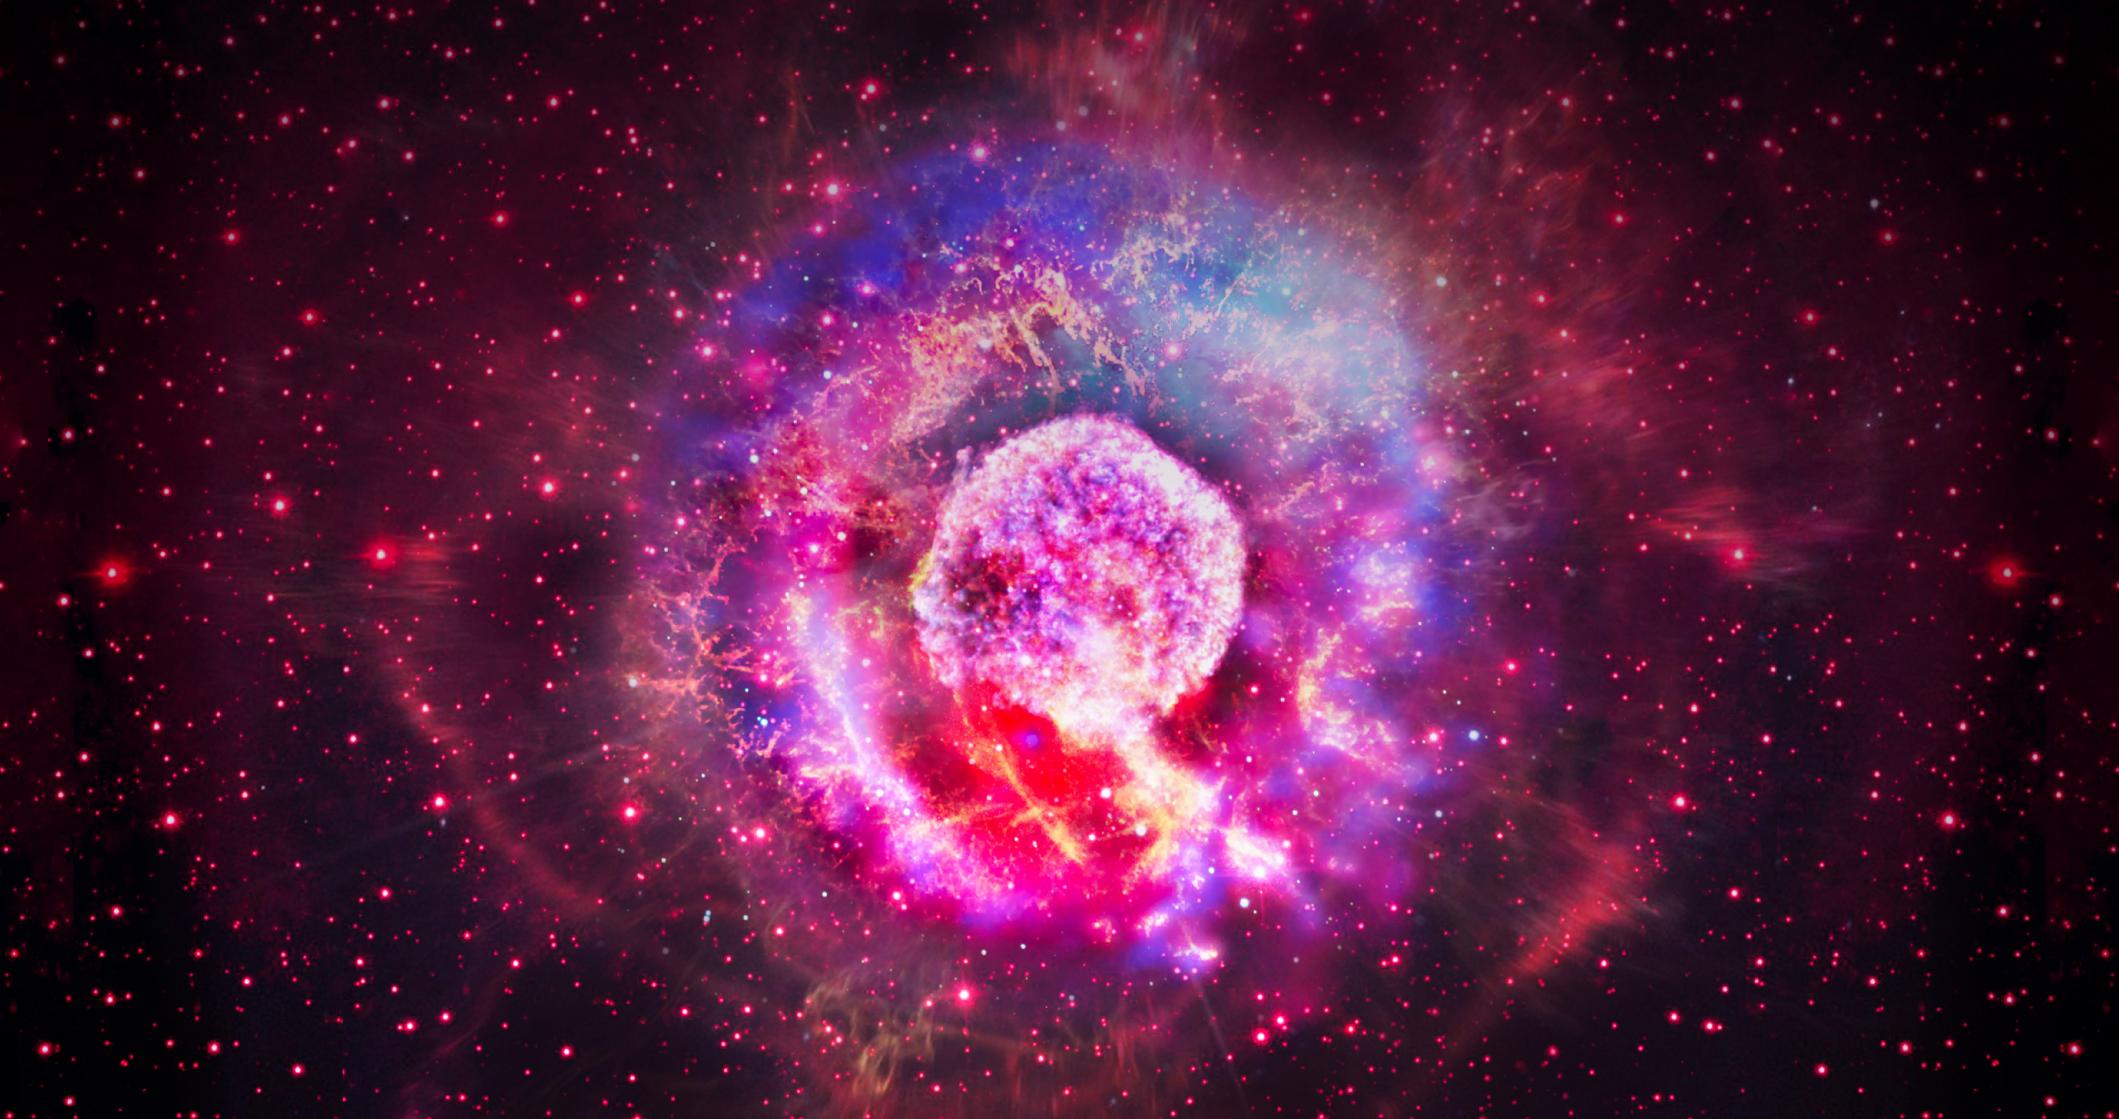 banner-Planetario-1119-x-591--extravagancia-cósmica-fondo.jpg